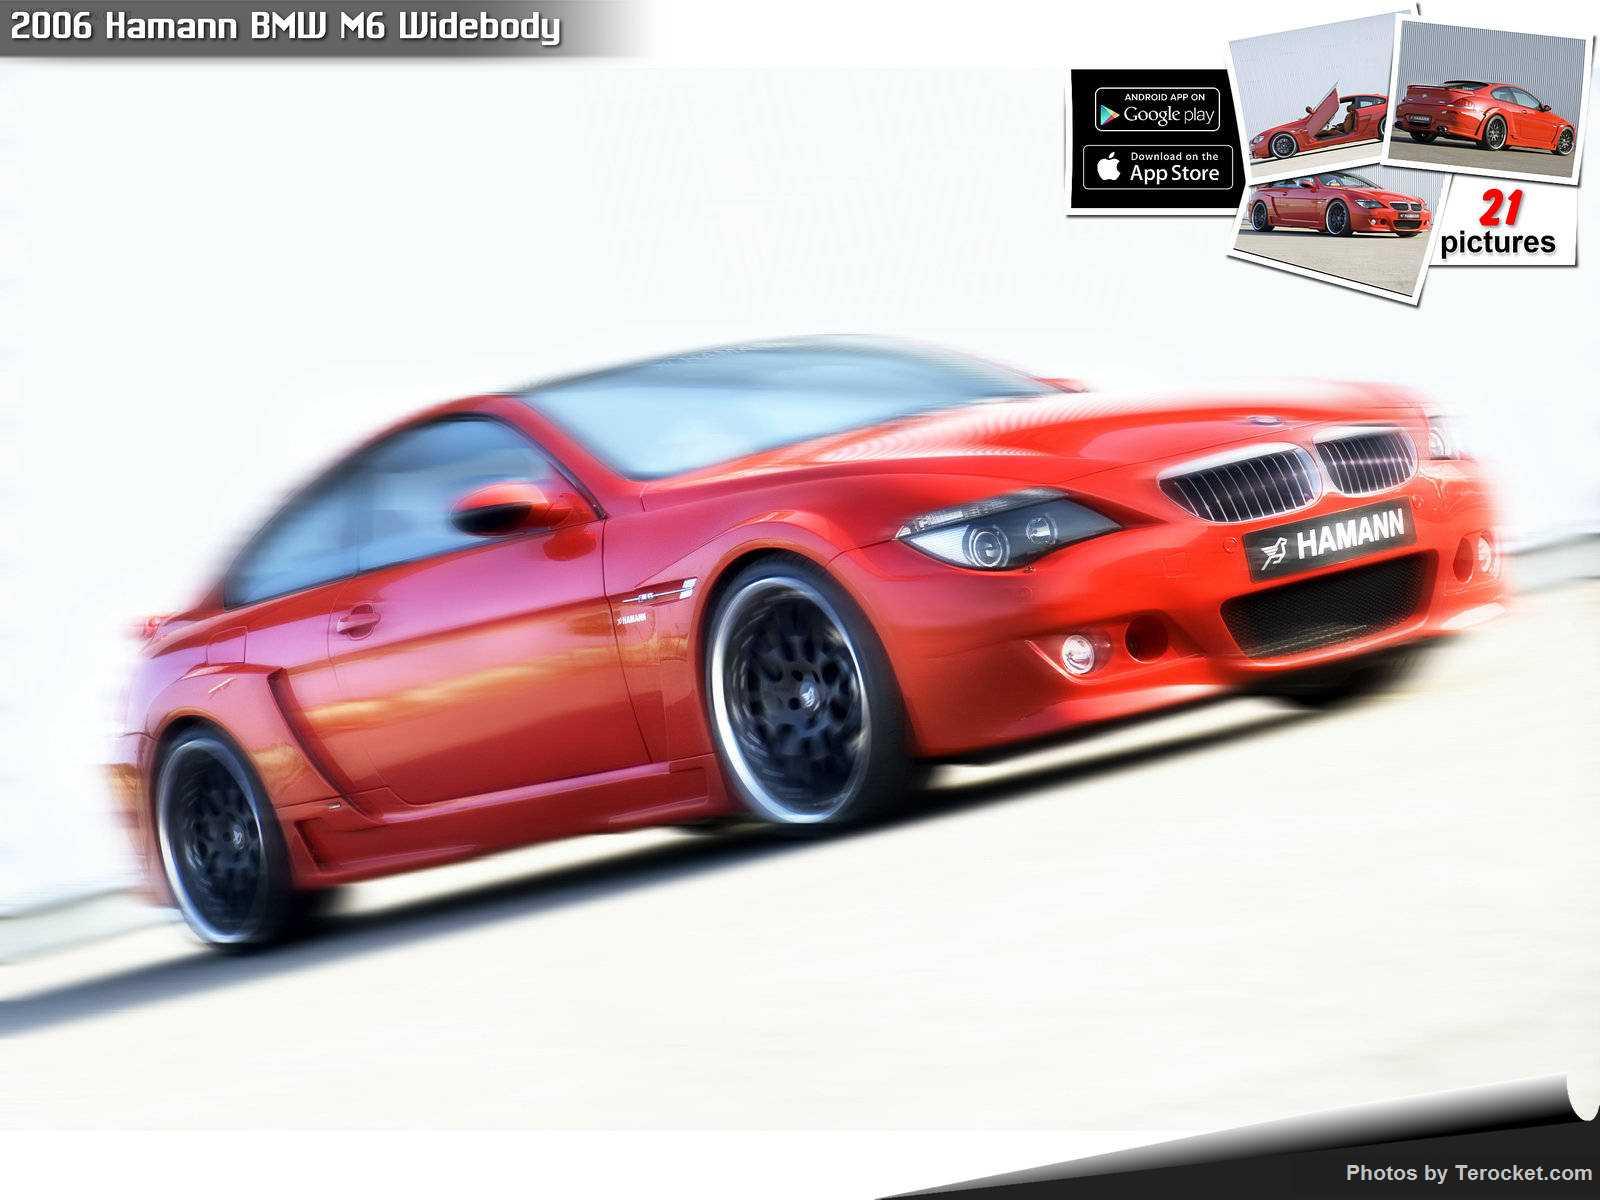 Hình ảnh xe ô tô Hamann BMW M6 Widebody 2006 & nội ngoại thất